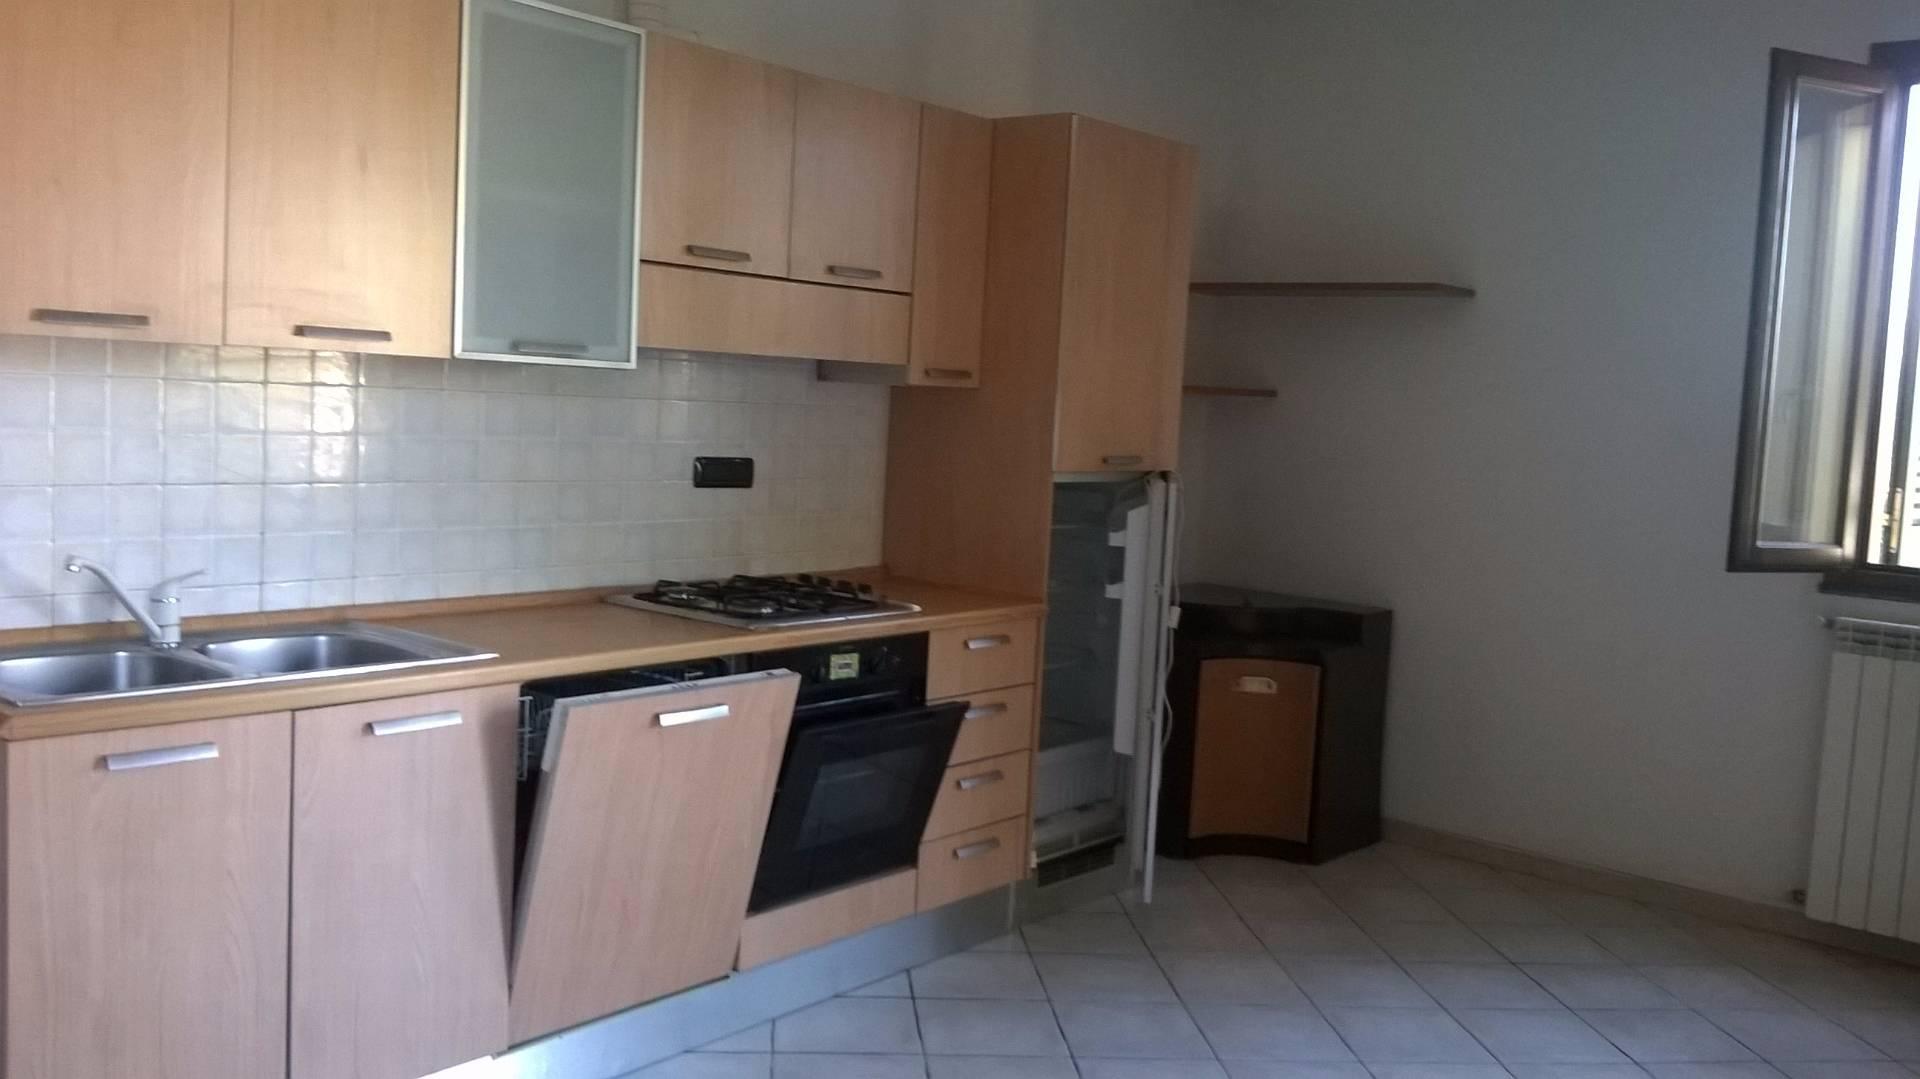 Appartamento in affitto a Montopoli in Val d'Arno, 1 locali, zona Zona: Capanne, prezzo € 350 | Cambio Casa.it